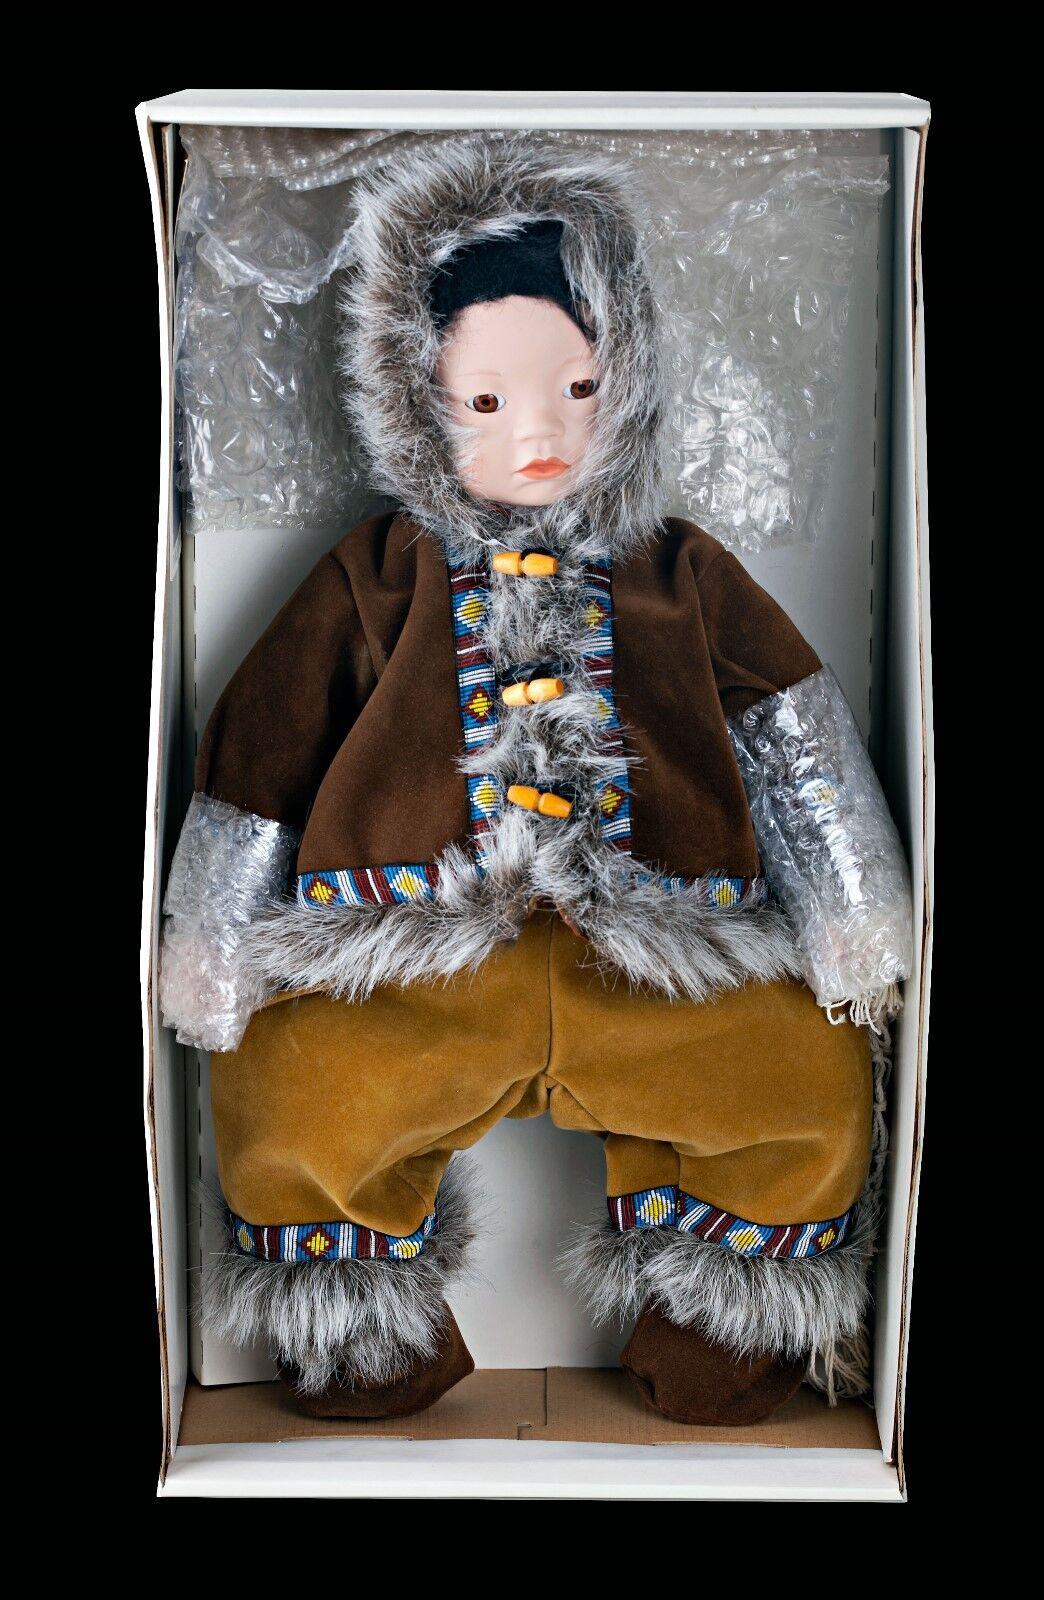 80% di sconto Nuovo ANOUK Moments Moments Moments Treasurosso Native Eskimo Boy Porcelain bambola 20  w  scatola e COA  memorizzare